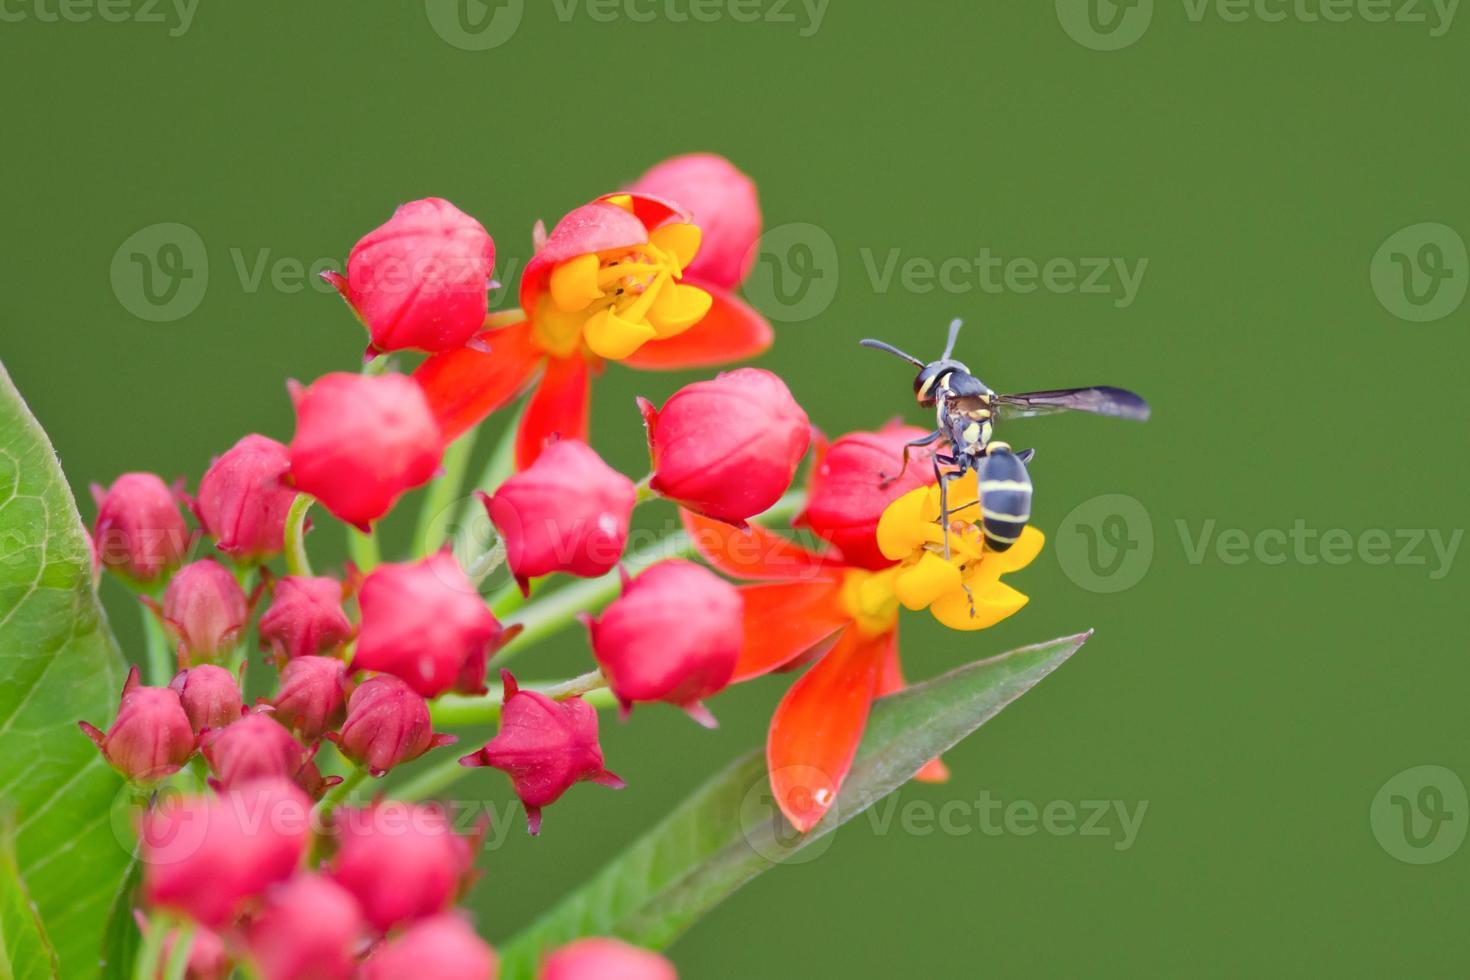 primo piano della vespa che impollina sui fiori rossi e gialli foto